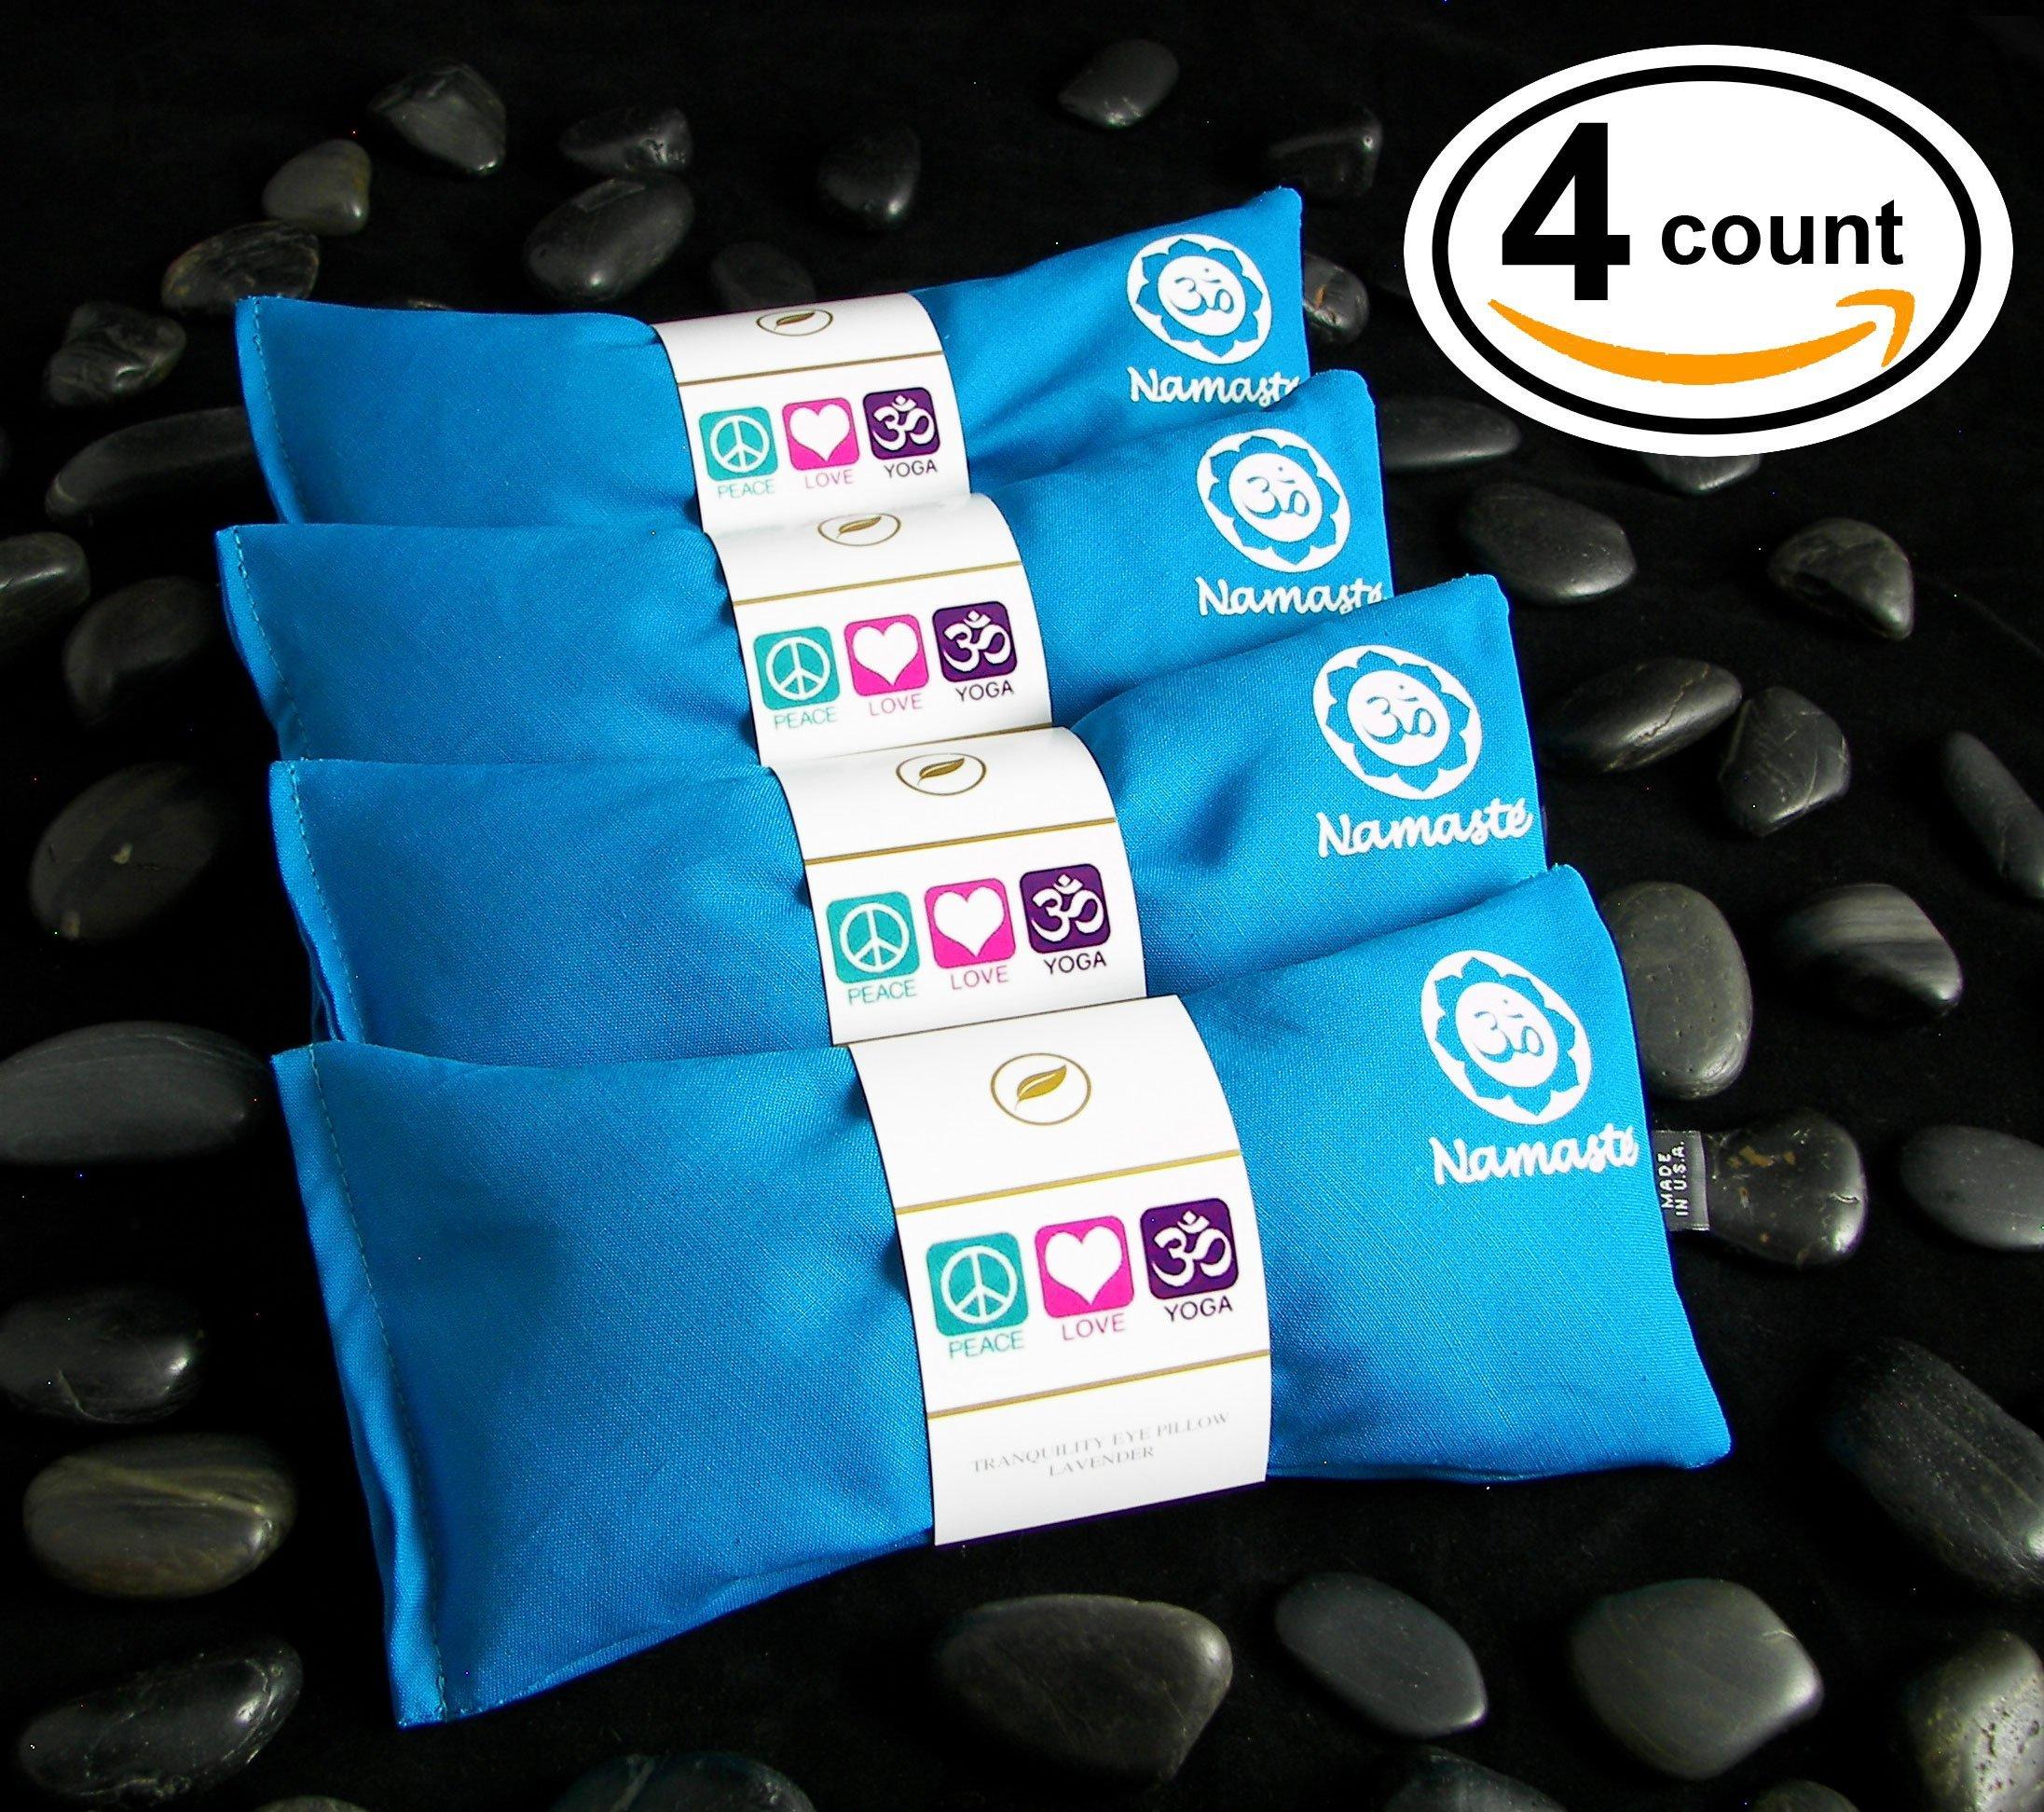 Happy Wraps Namaste Yoga Eye Pillows - Unscented Eye Pillows for Yoga - Set of 4 - Turquoise Cotton by Happy Wraps